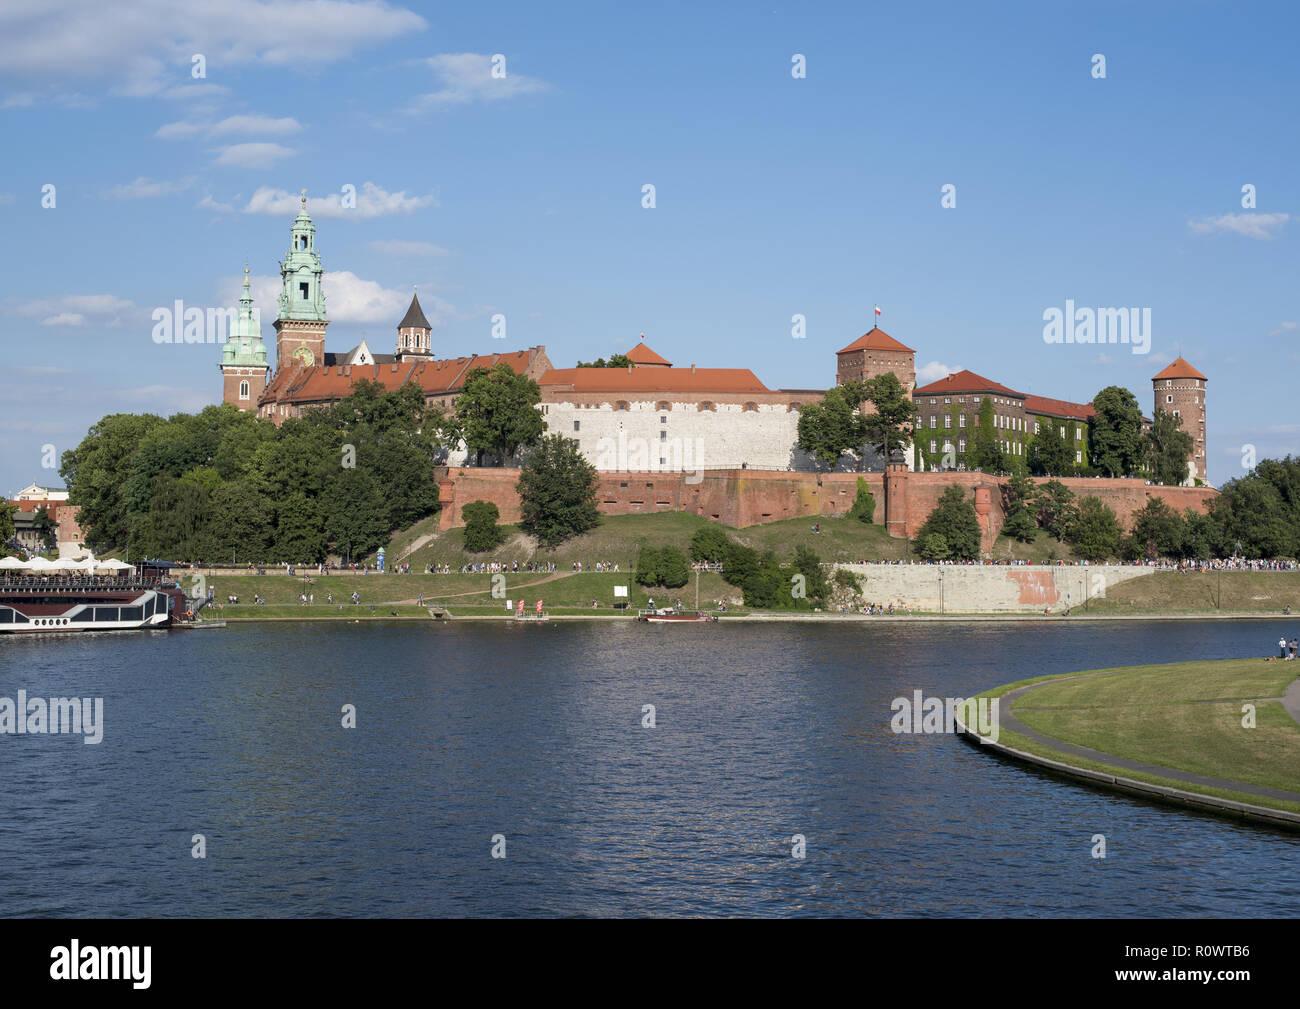 Krakau, Burg Wawel an der Weichsel, Polen - Stock Image